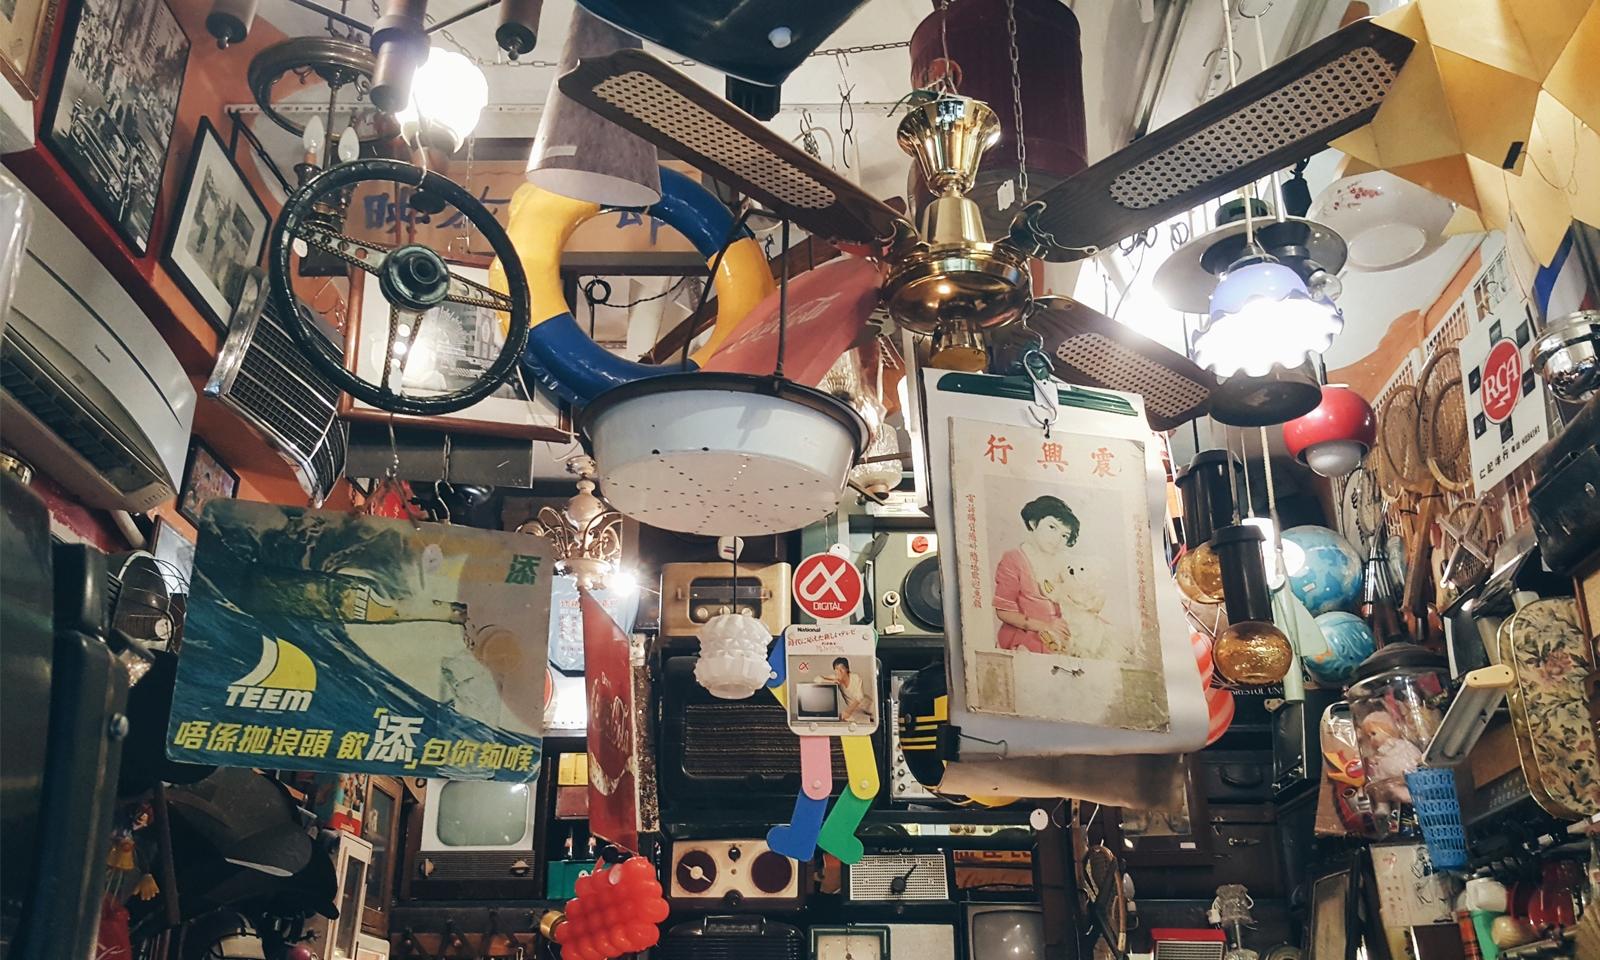 香港迷走:舊城中環, 讓人沉溺的破敗之美